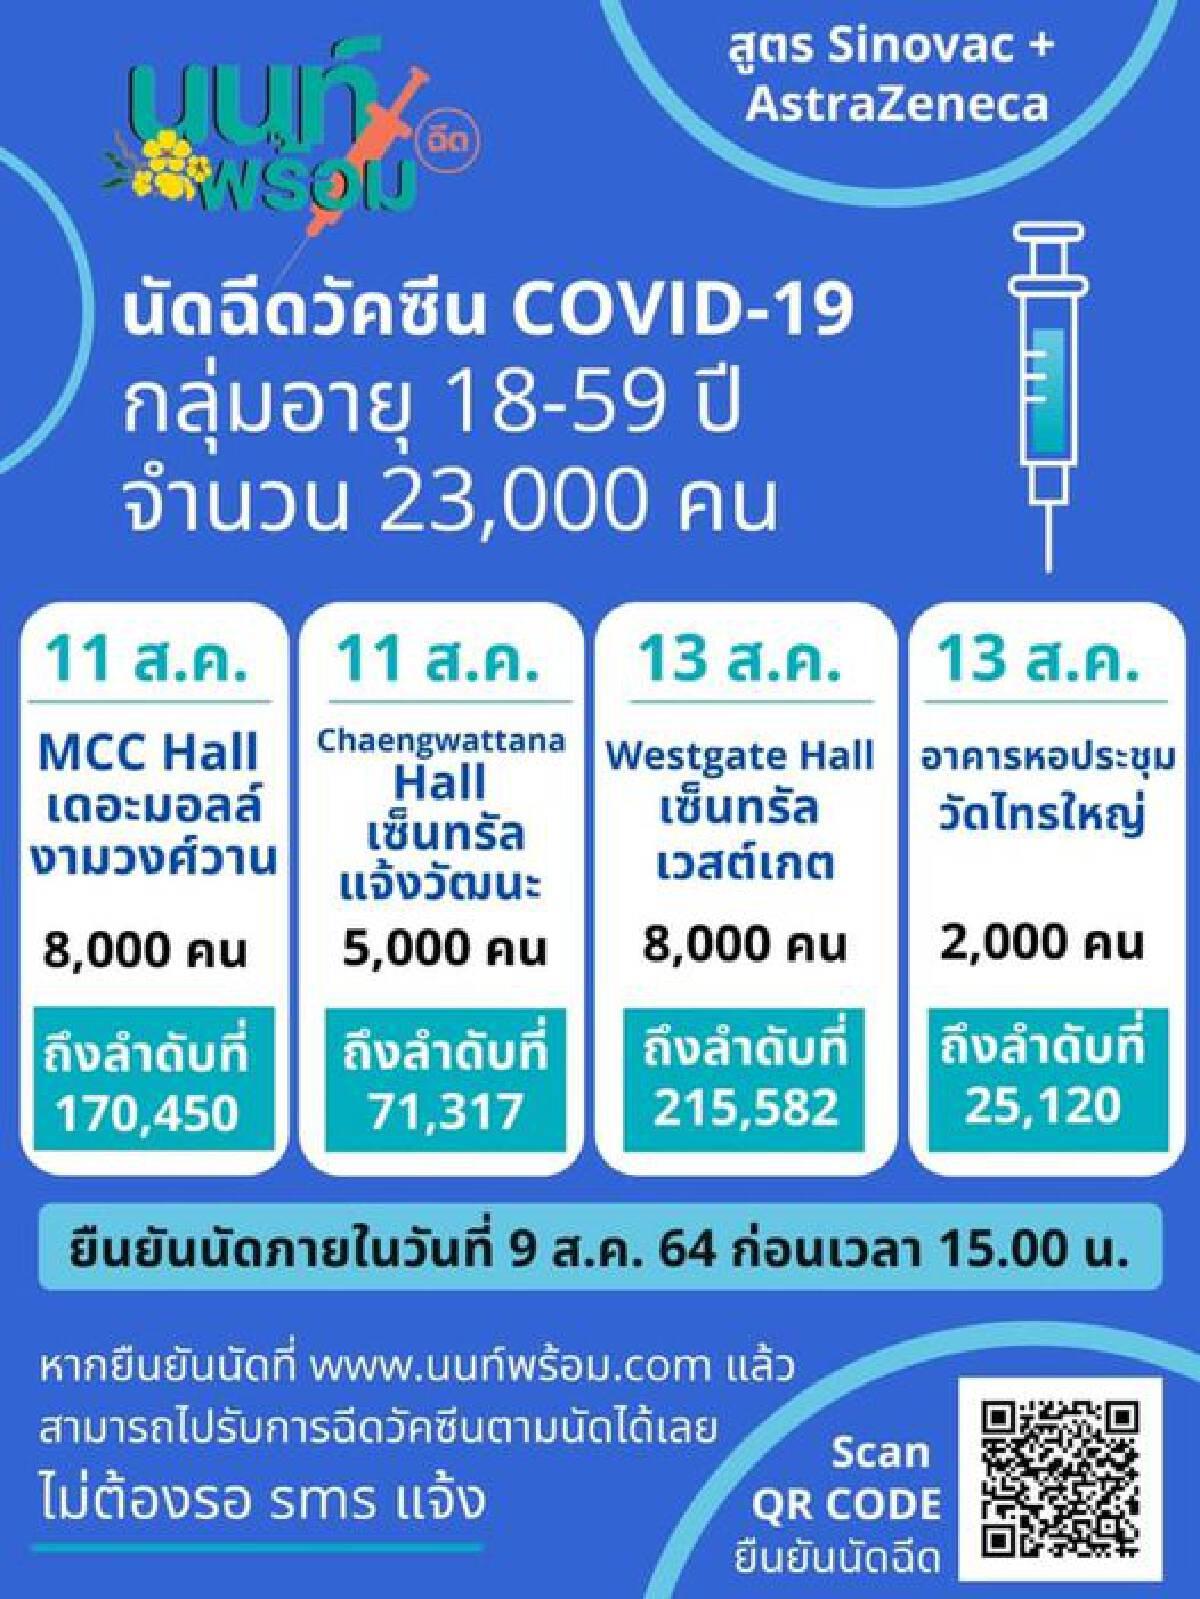 นนท์พร้อม ฉีดวัคซีนโควิดรอบใหม่ 23,000 คนยืนยันสิทธิ์ภายใน 9 ส.ค.นี้